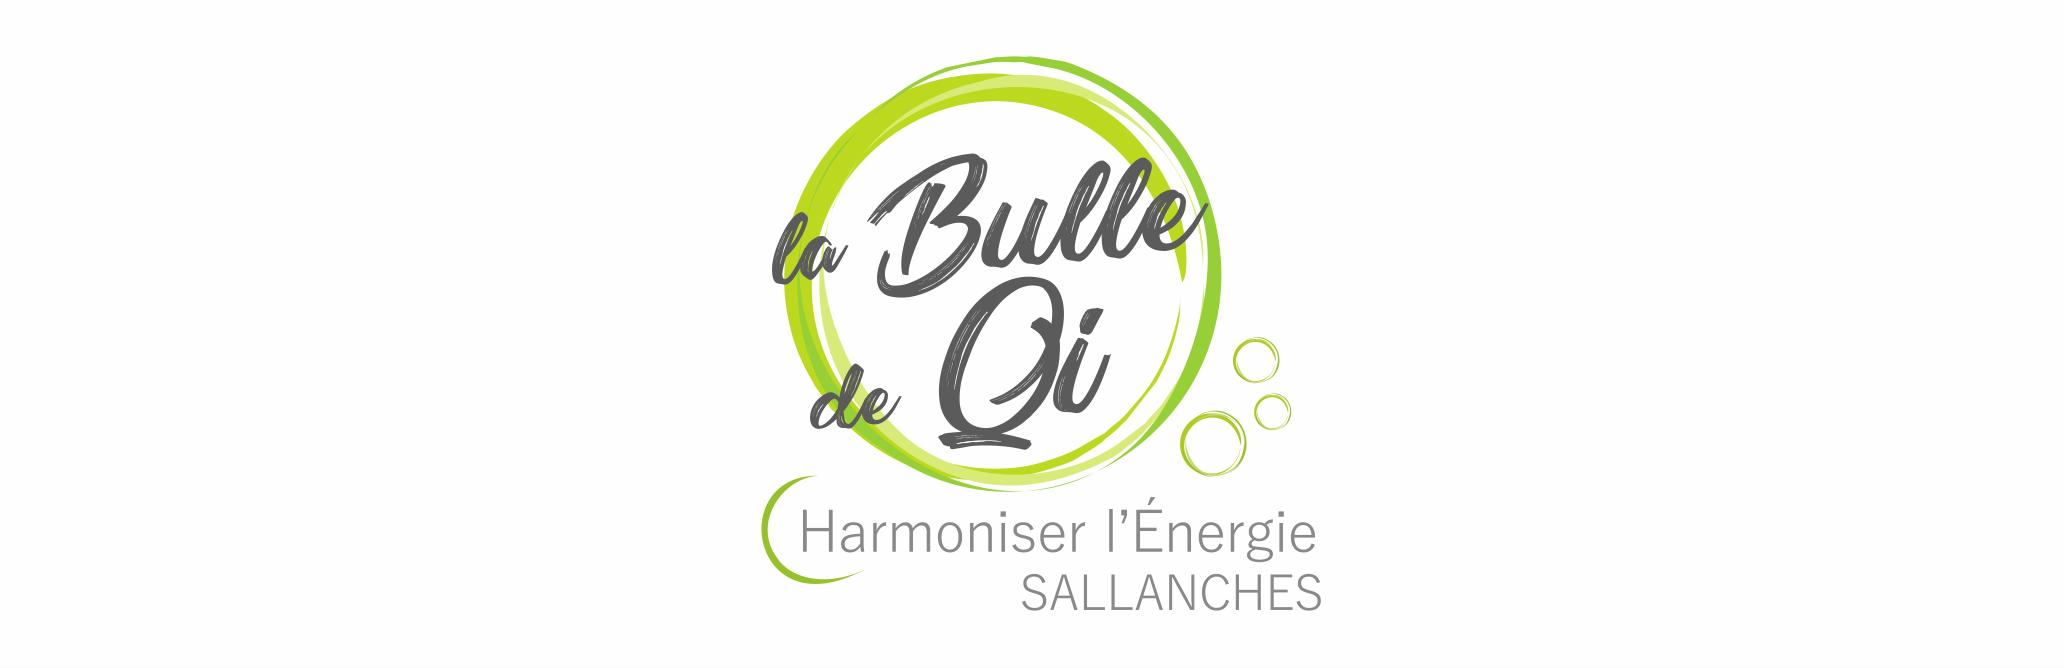 La Bulle de Qi